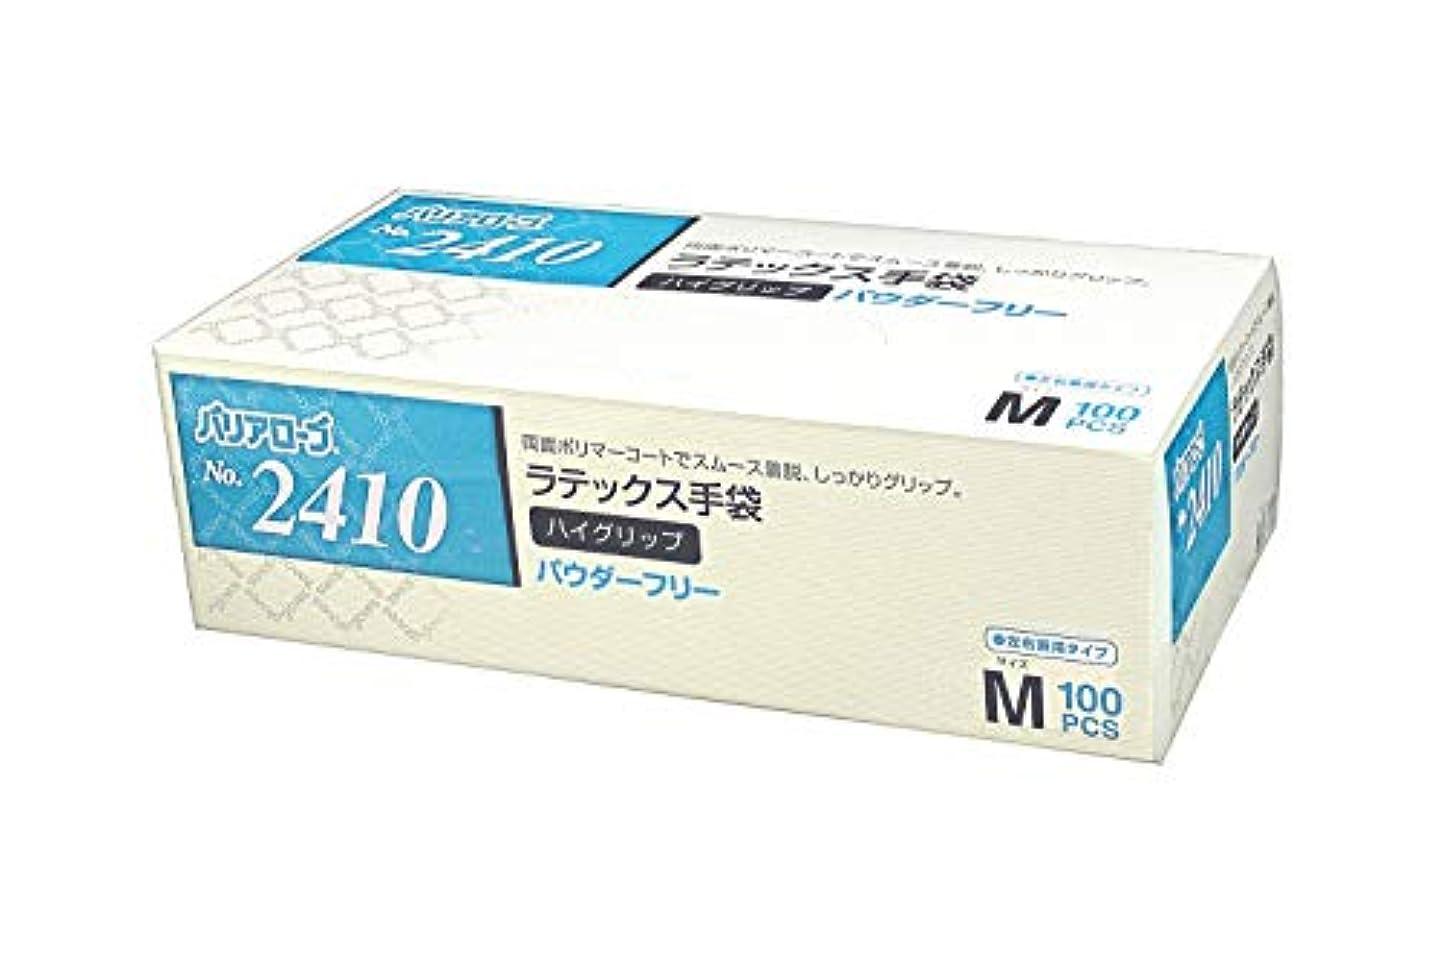 スチュワードチーズ白鳥【ケース販売】 バリアローブ №2410 ラテックス手袋 ハイグリップ (パウダーフリー) M 2000枚(100枚×20箱)